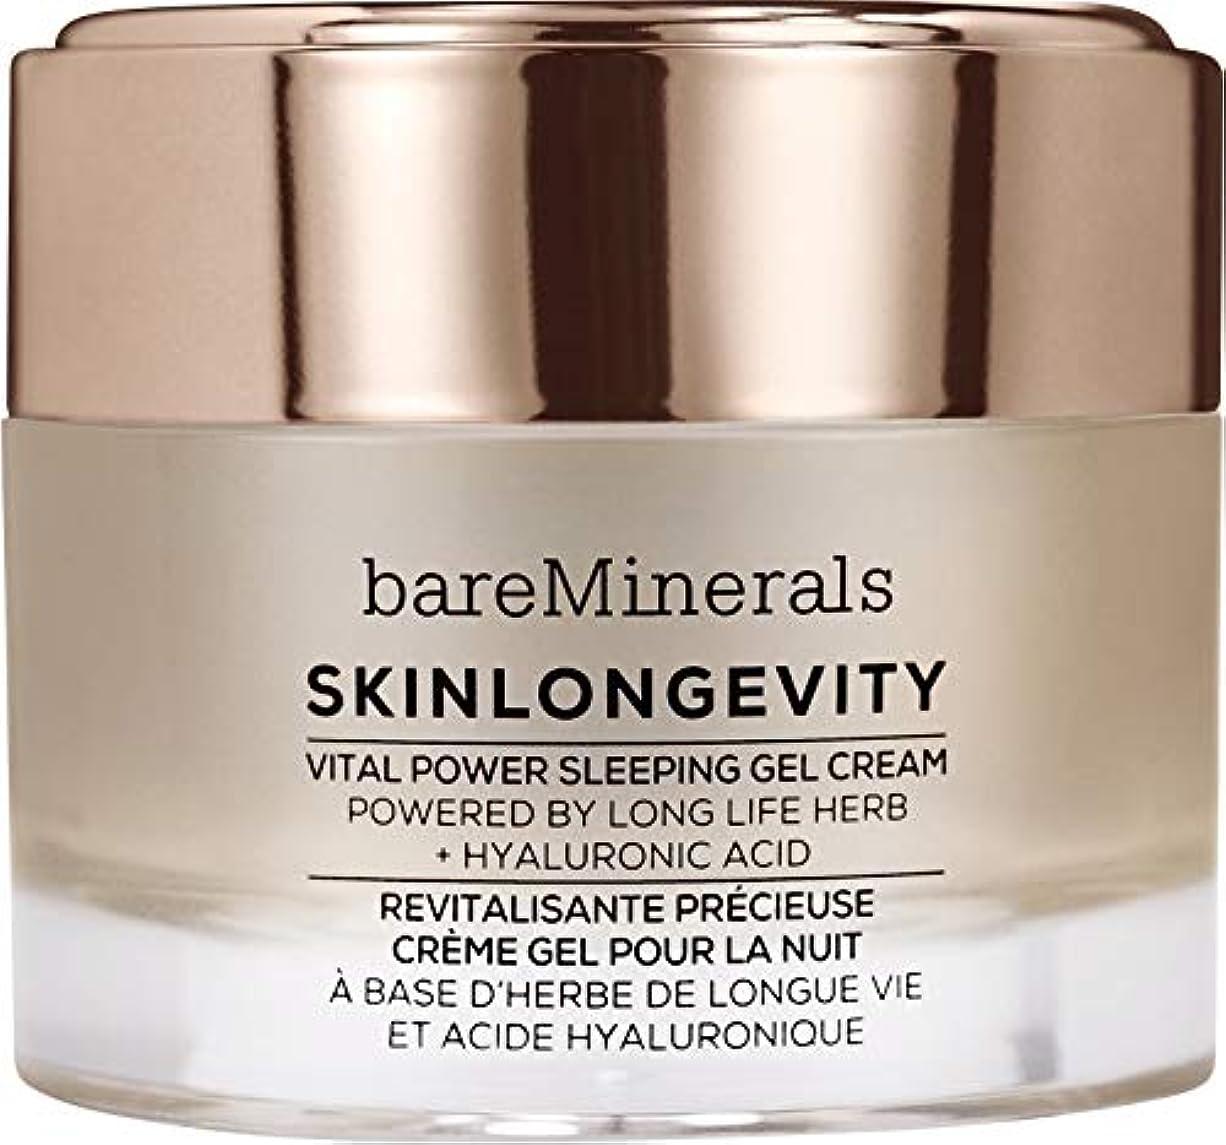 バラエティ閃光カテナベアミネラル Skinlongevity Vital Power Sleeping Gel Cream 50g/1.7oz並行輸入品